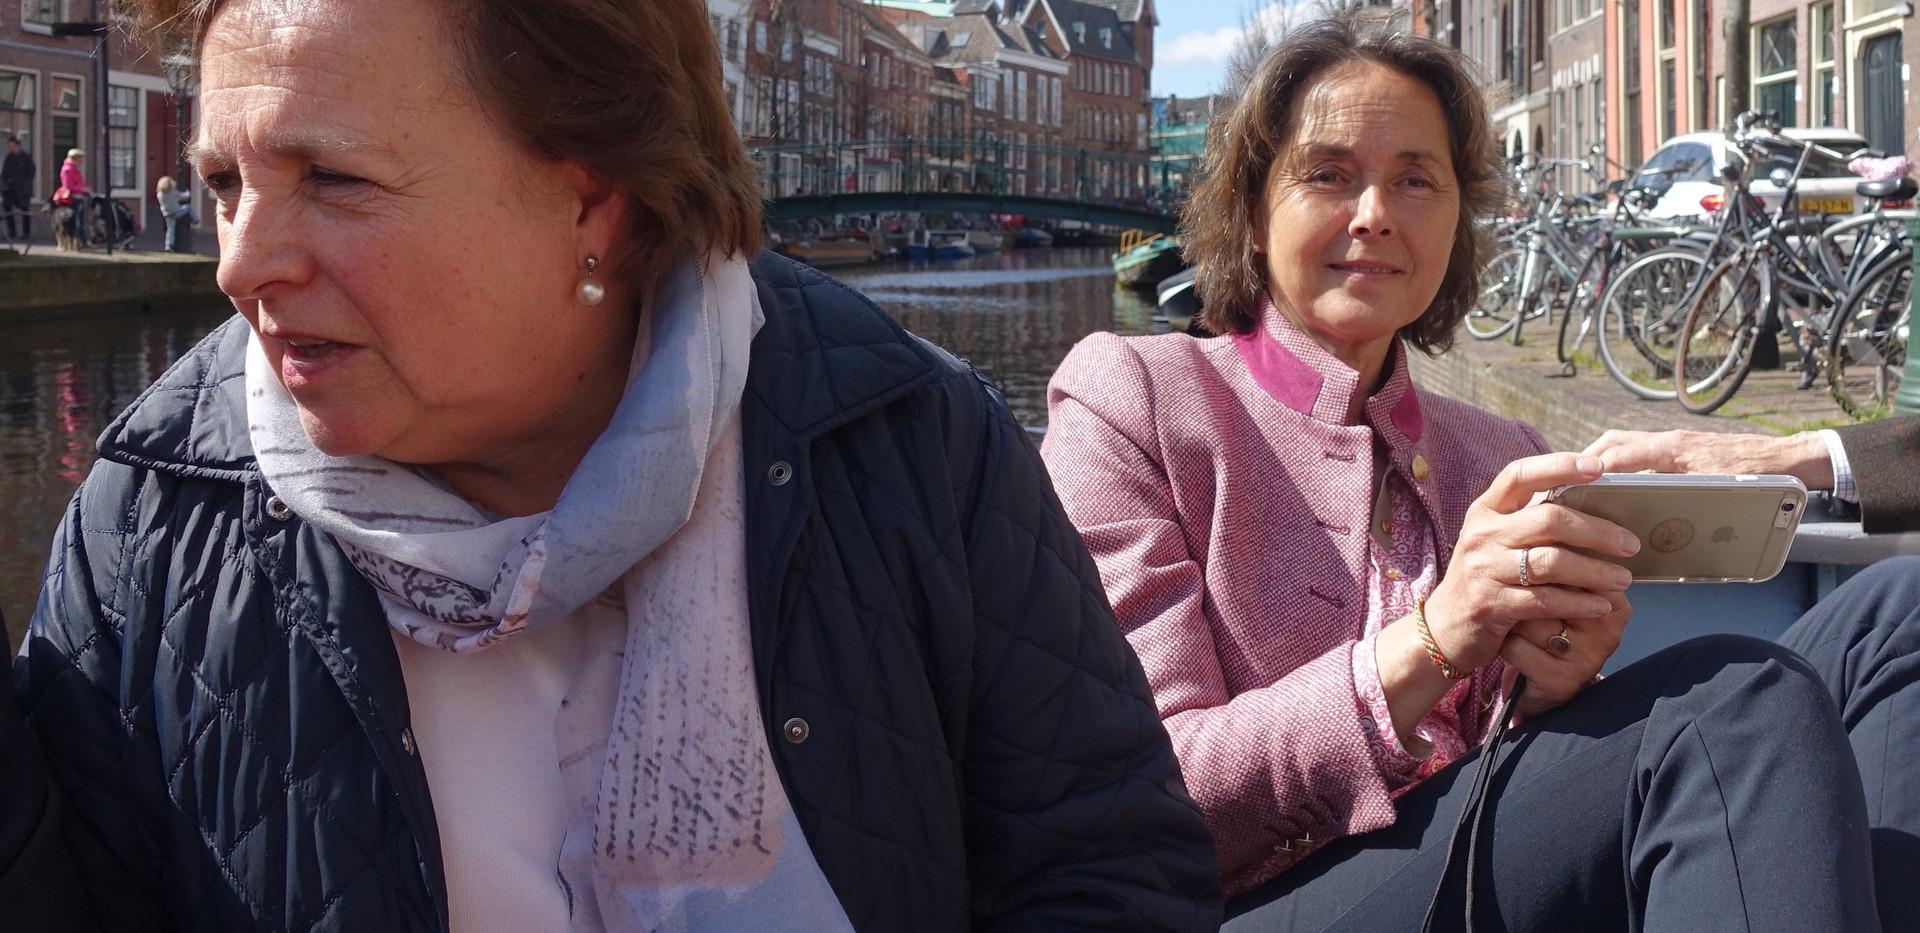 2017-04-2017 Leiden Hofjesberaad-12.jpg